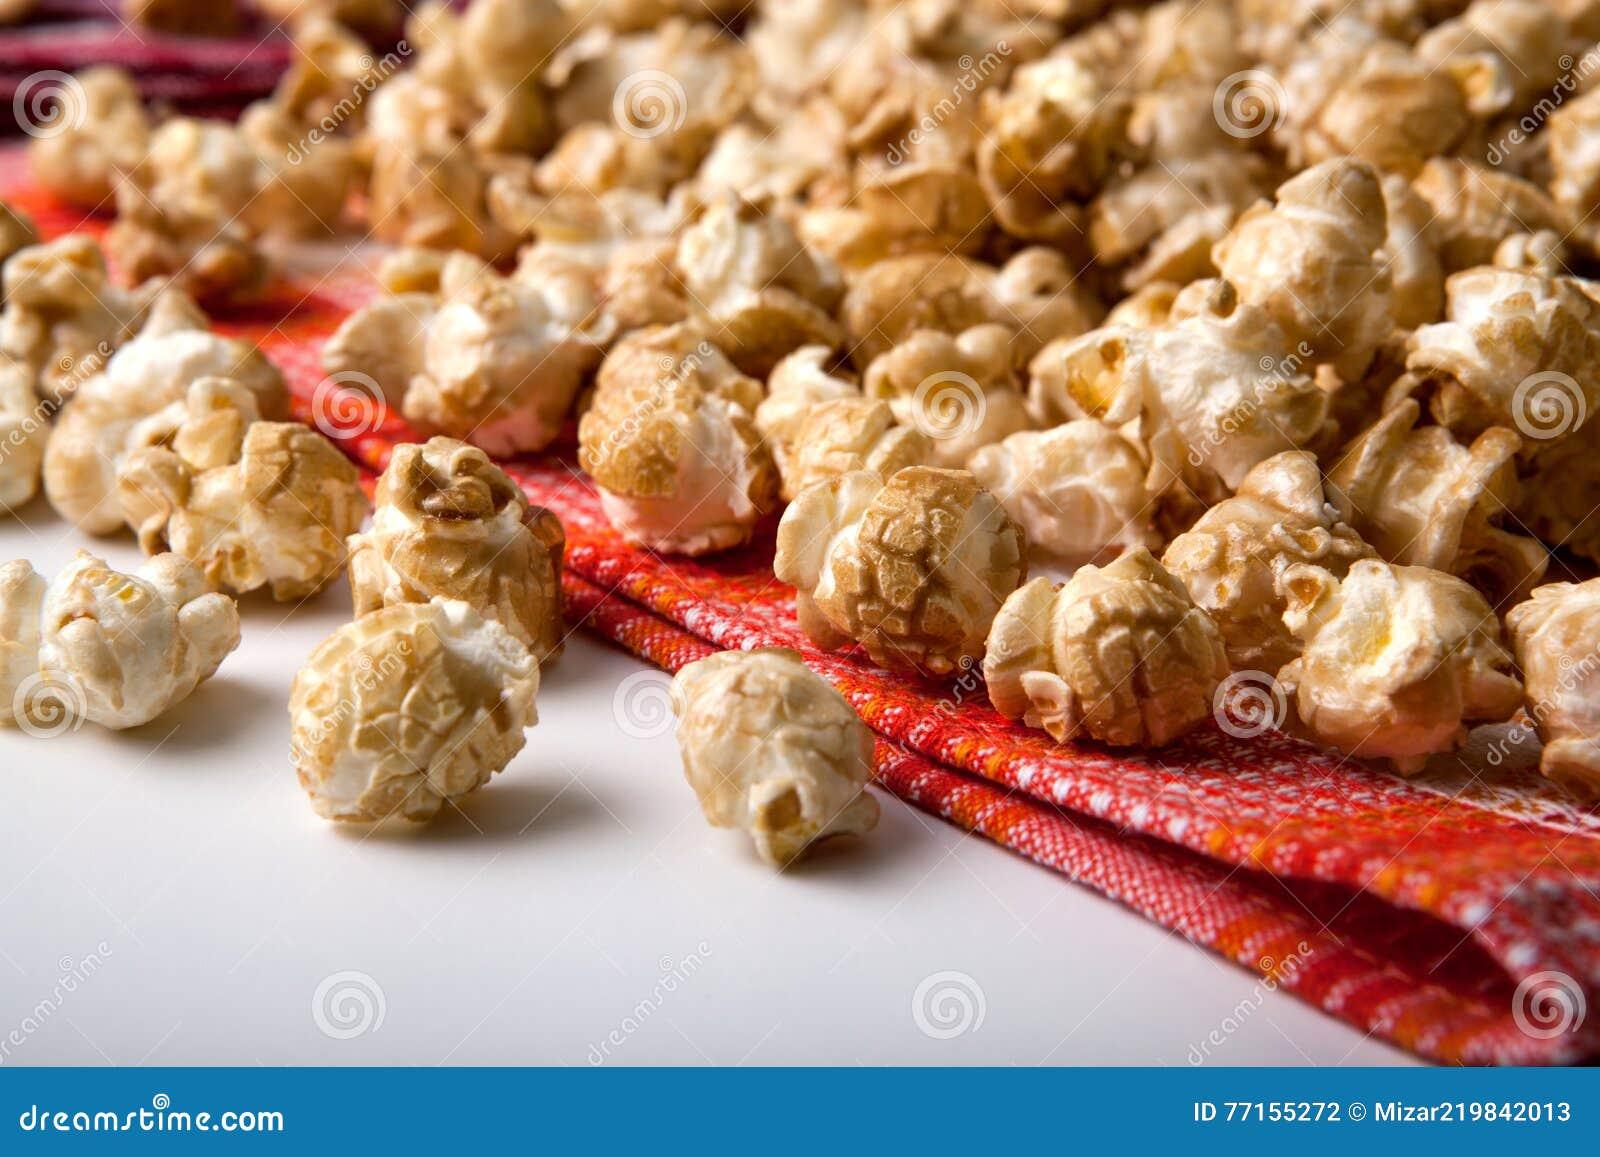 Maïs éclaté de caramel sur une fin de serviette